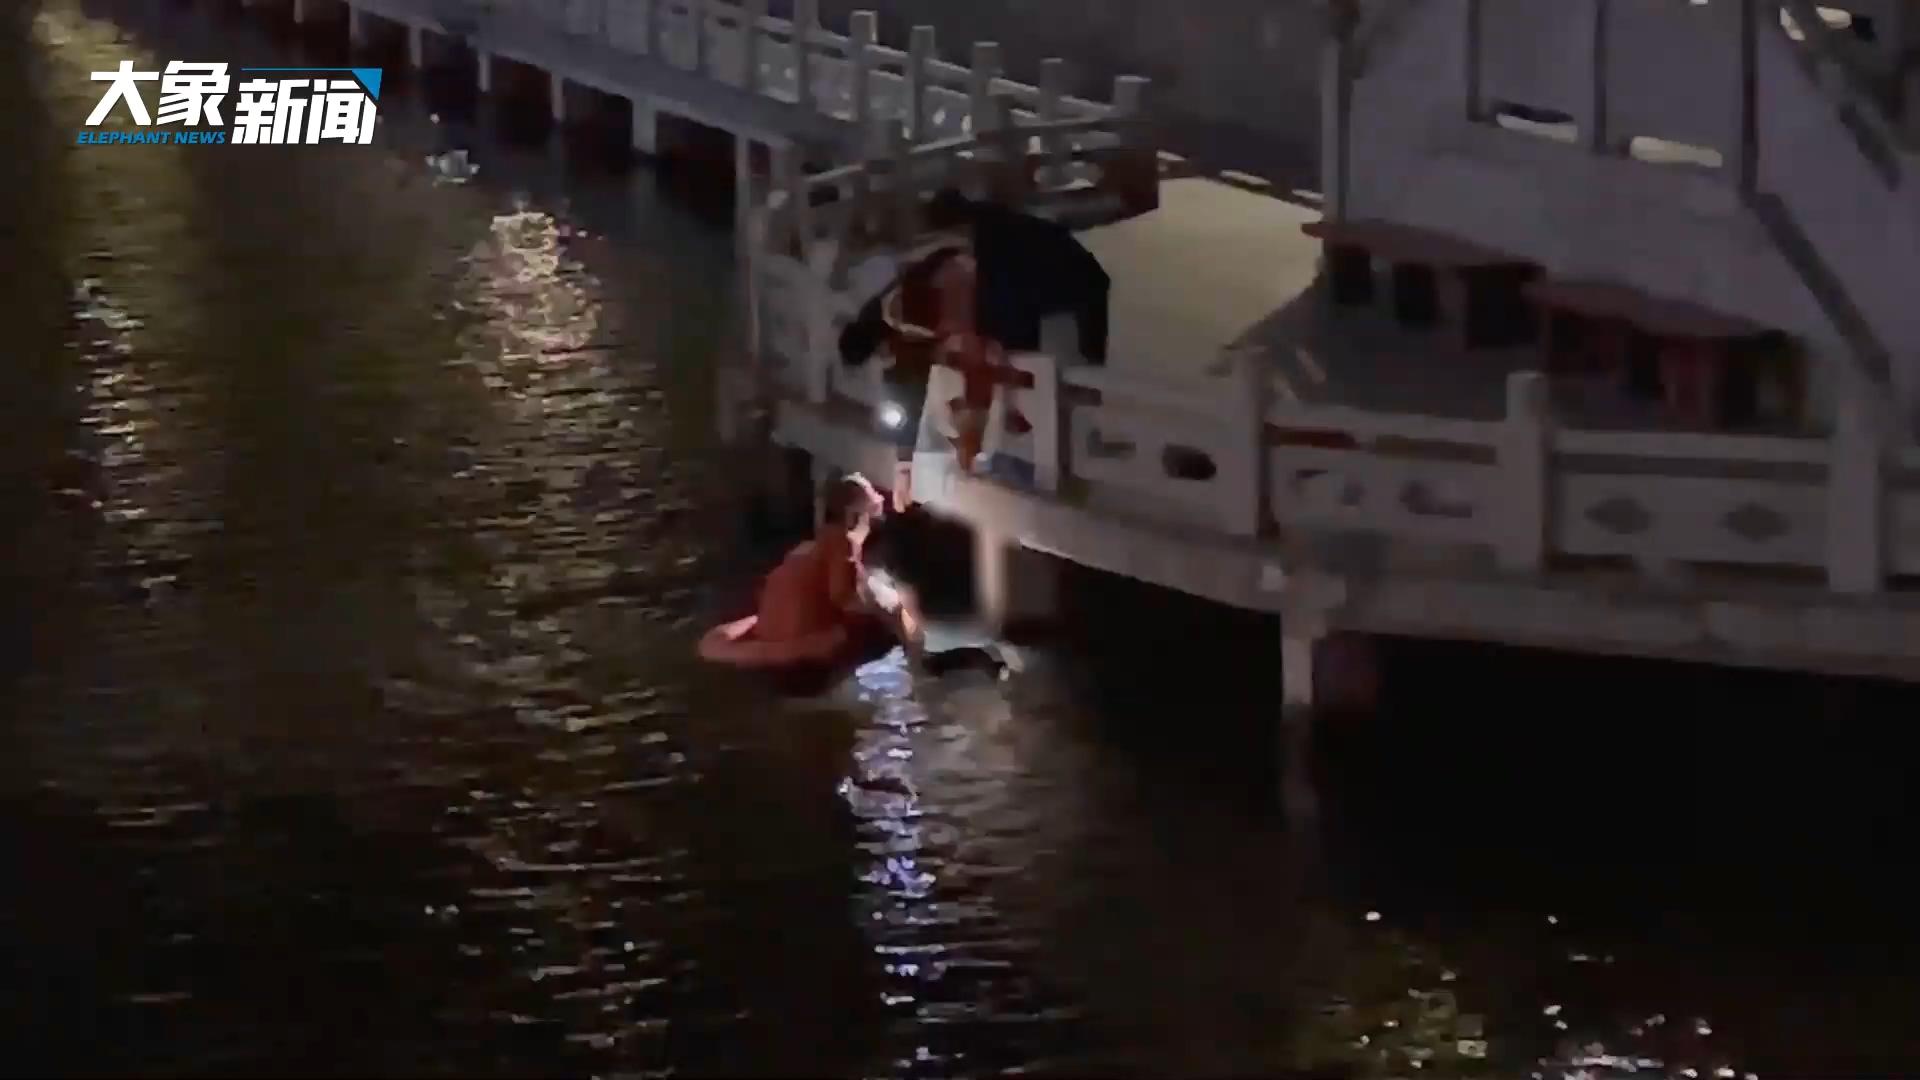 消防員在零下13度氣溫中跳下河救起輕生女孩